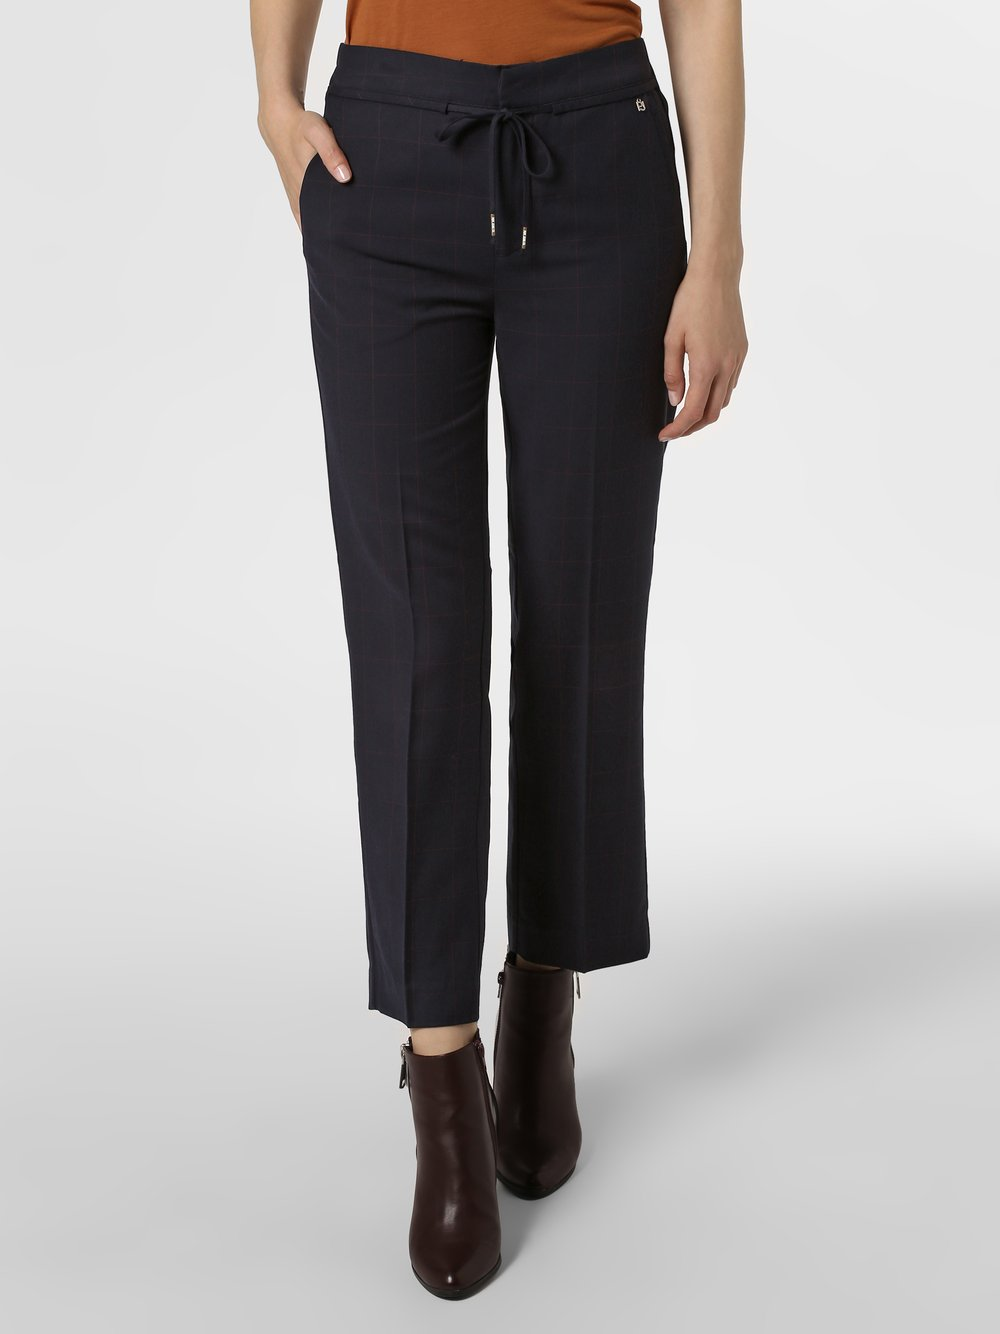 Pepe Jeans - Spodnie damskie – Greta, niebieski